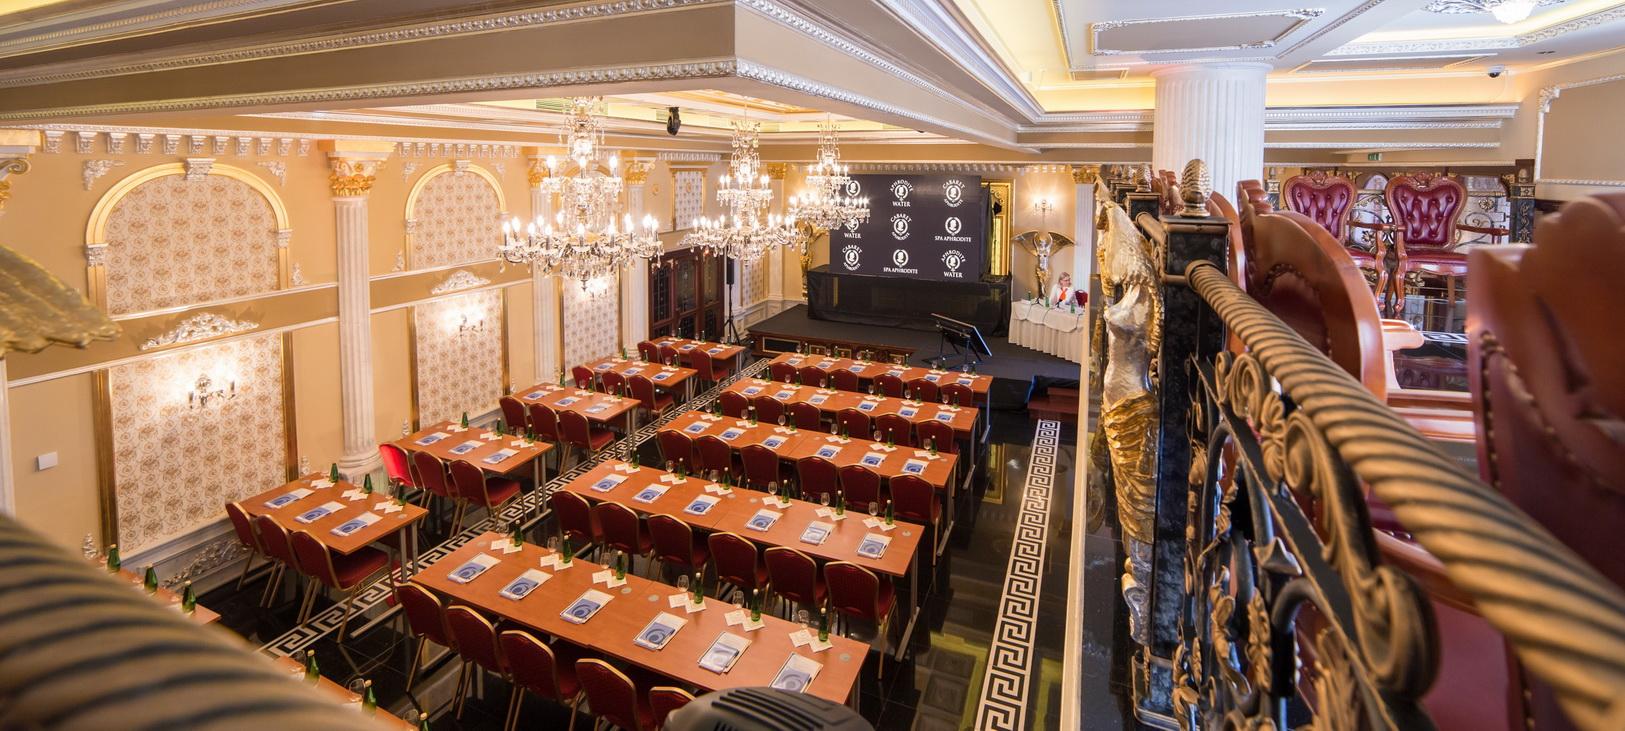 Nově otevřený Cabaret Aphrodite nabízí luxus i firmám